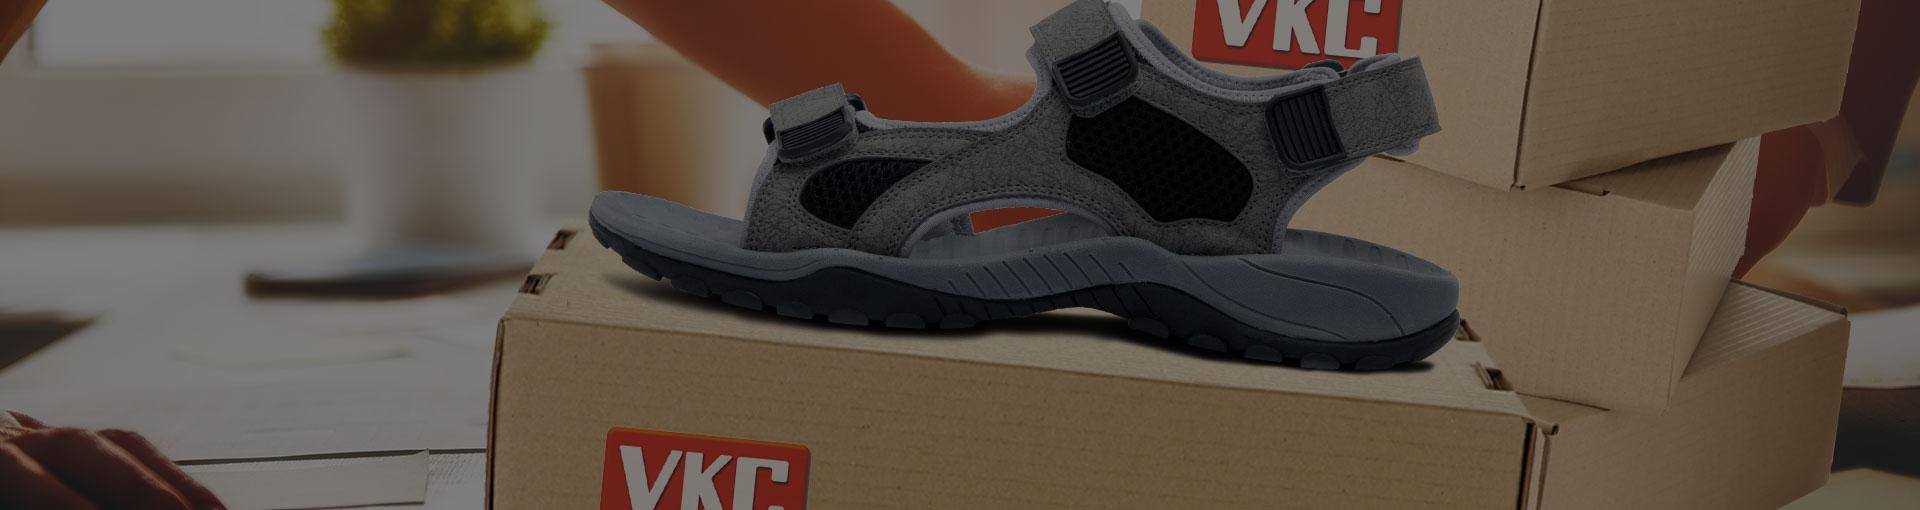 VKC Branded Footwear